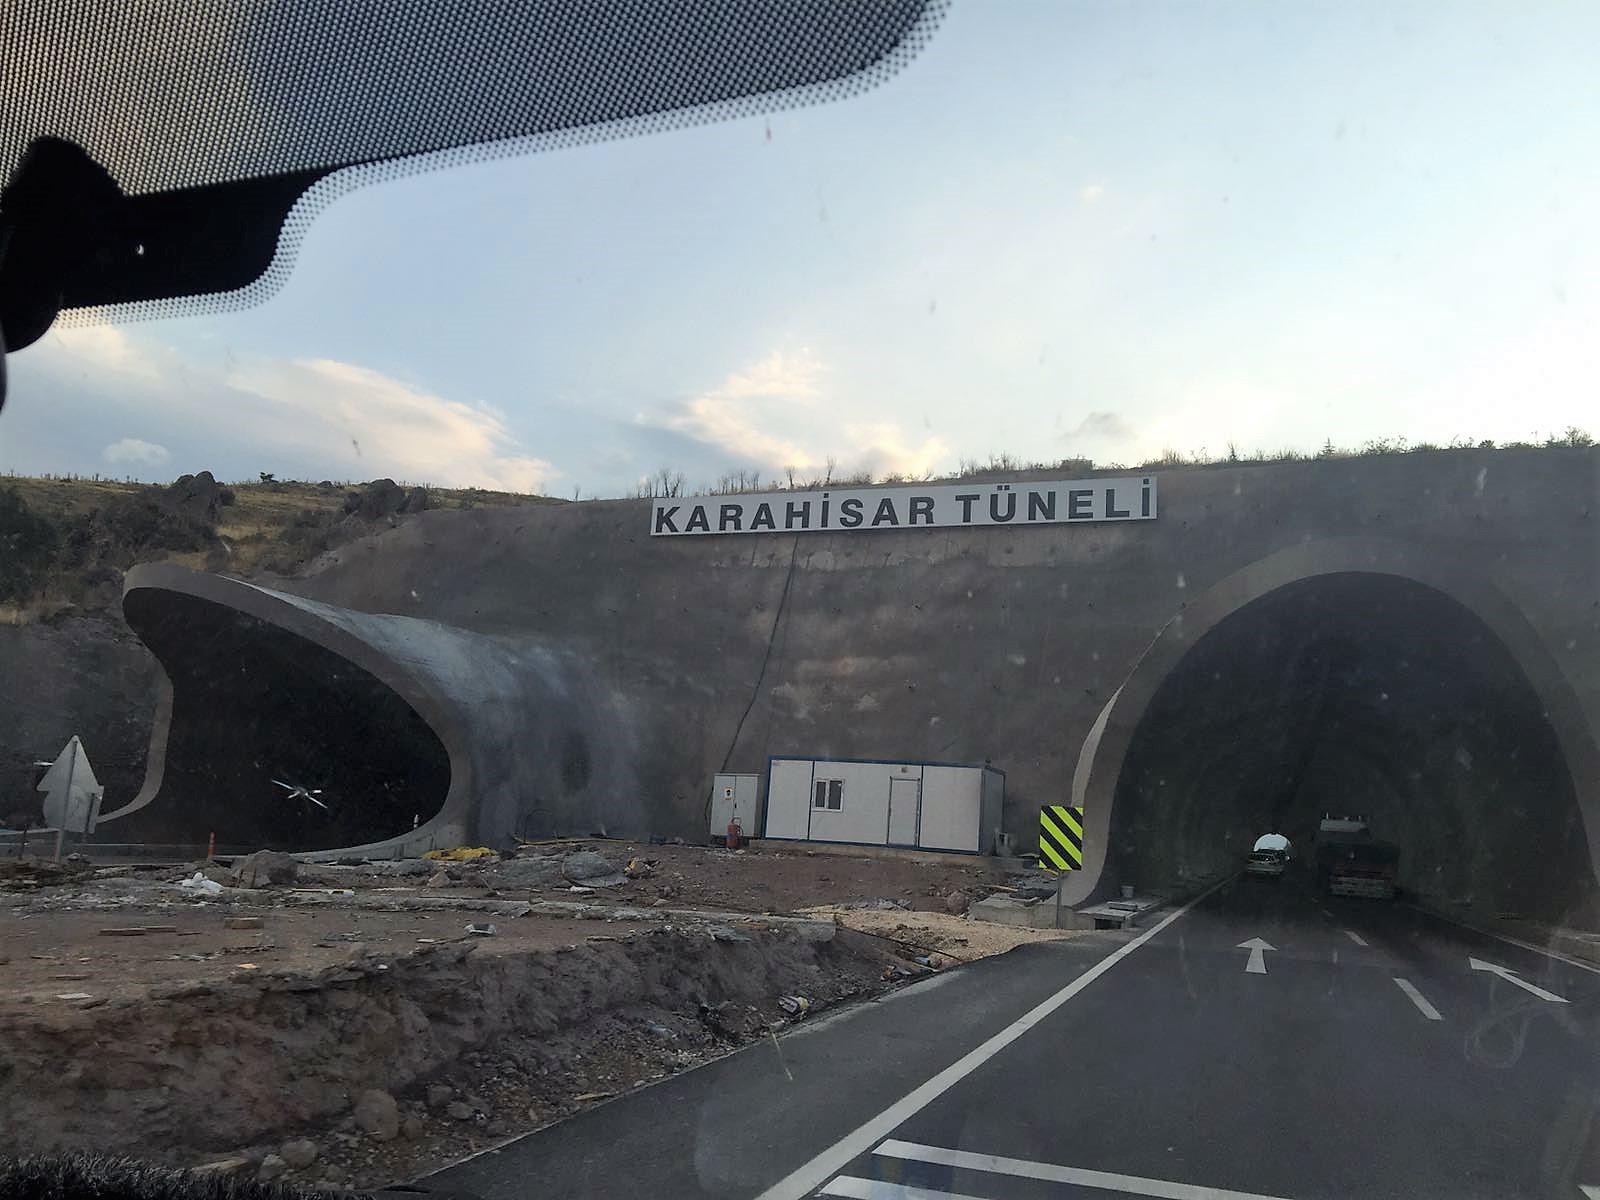 Karahisar Tüneli